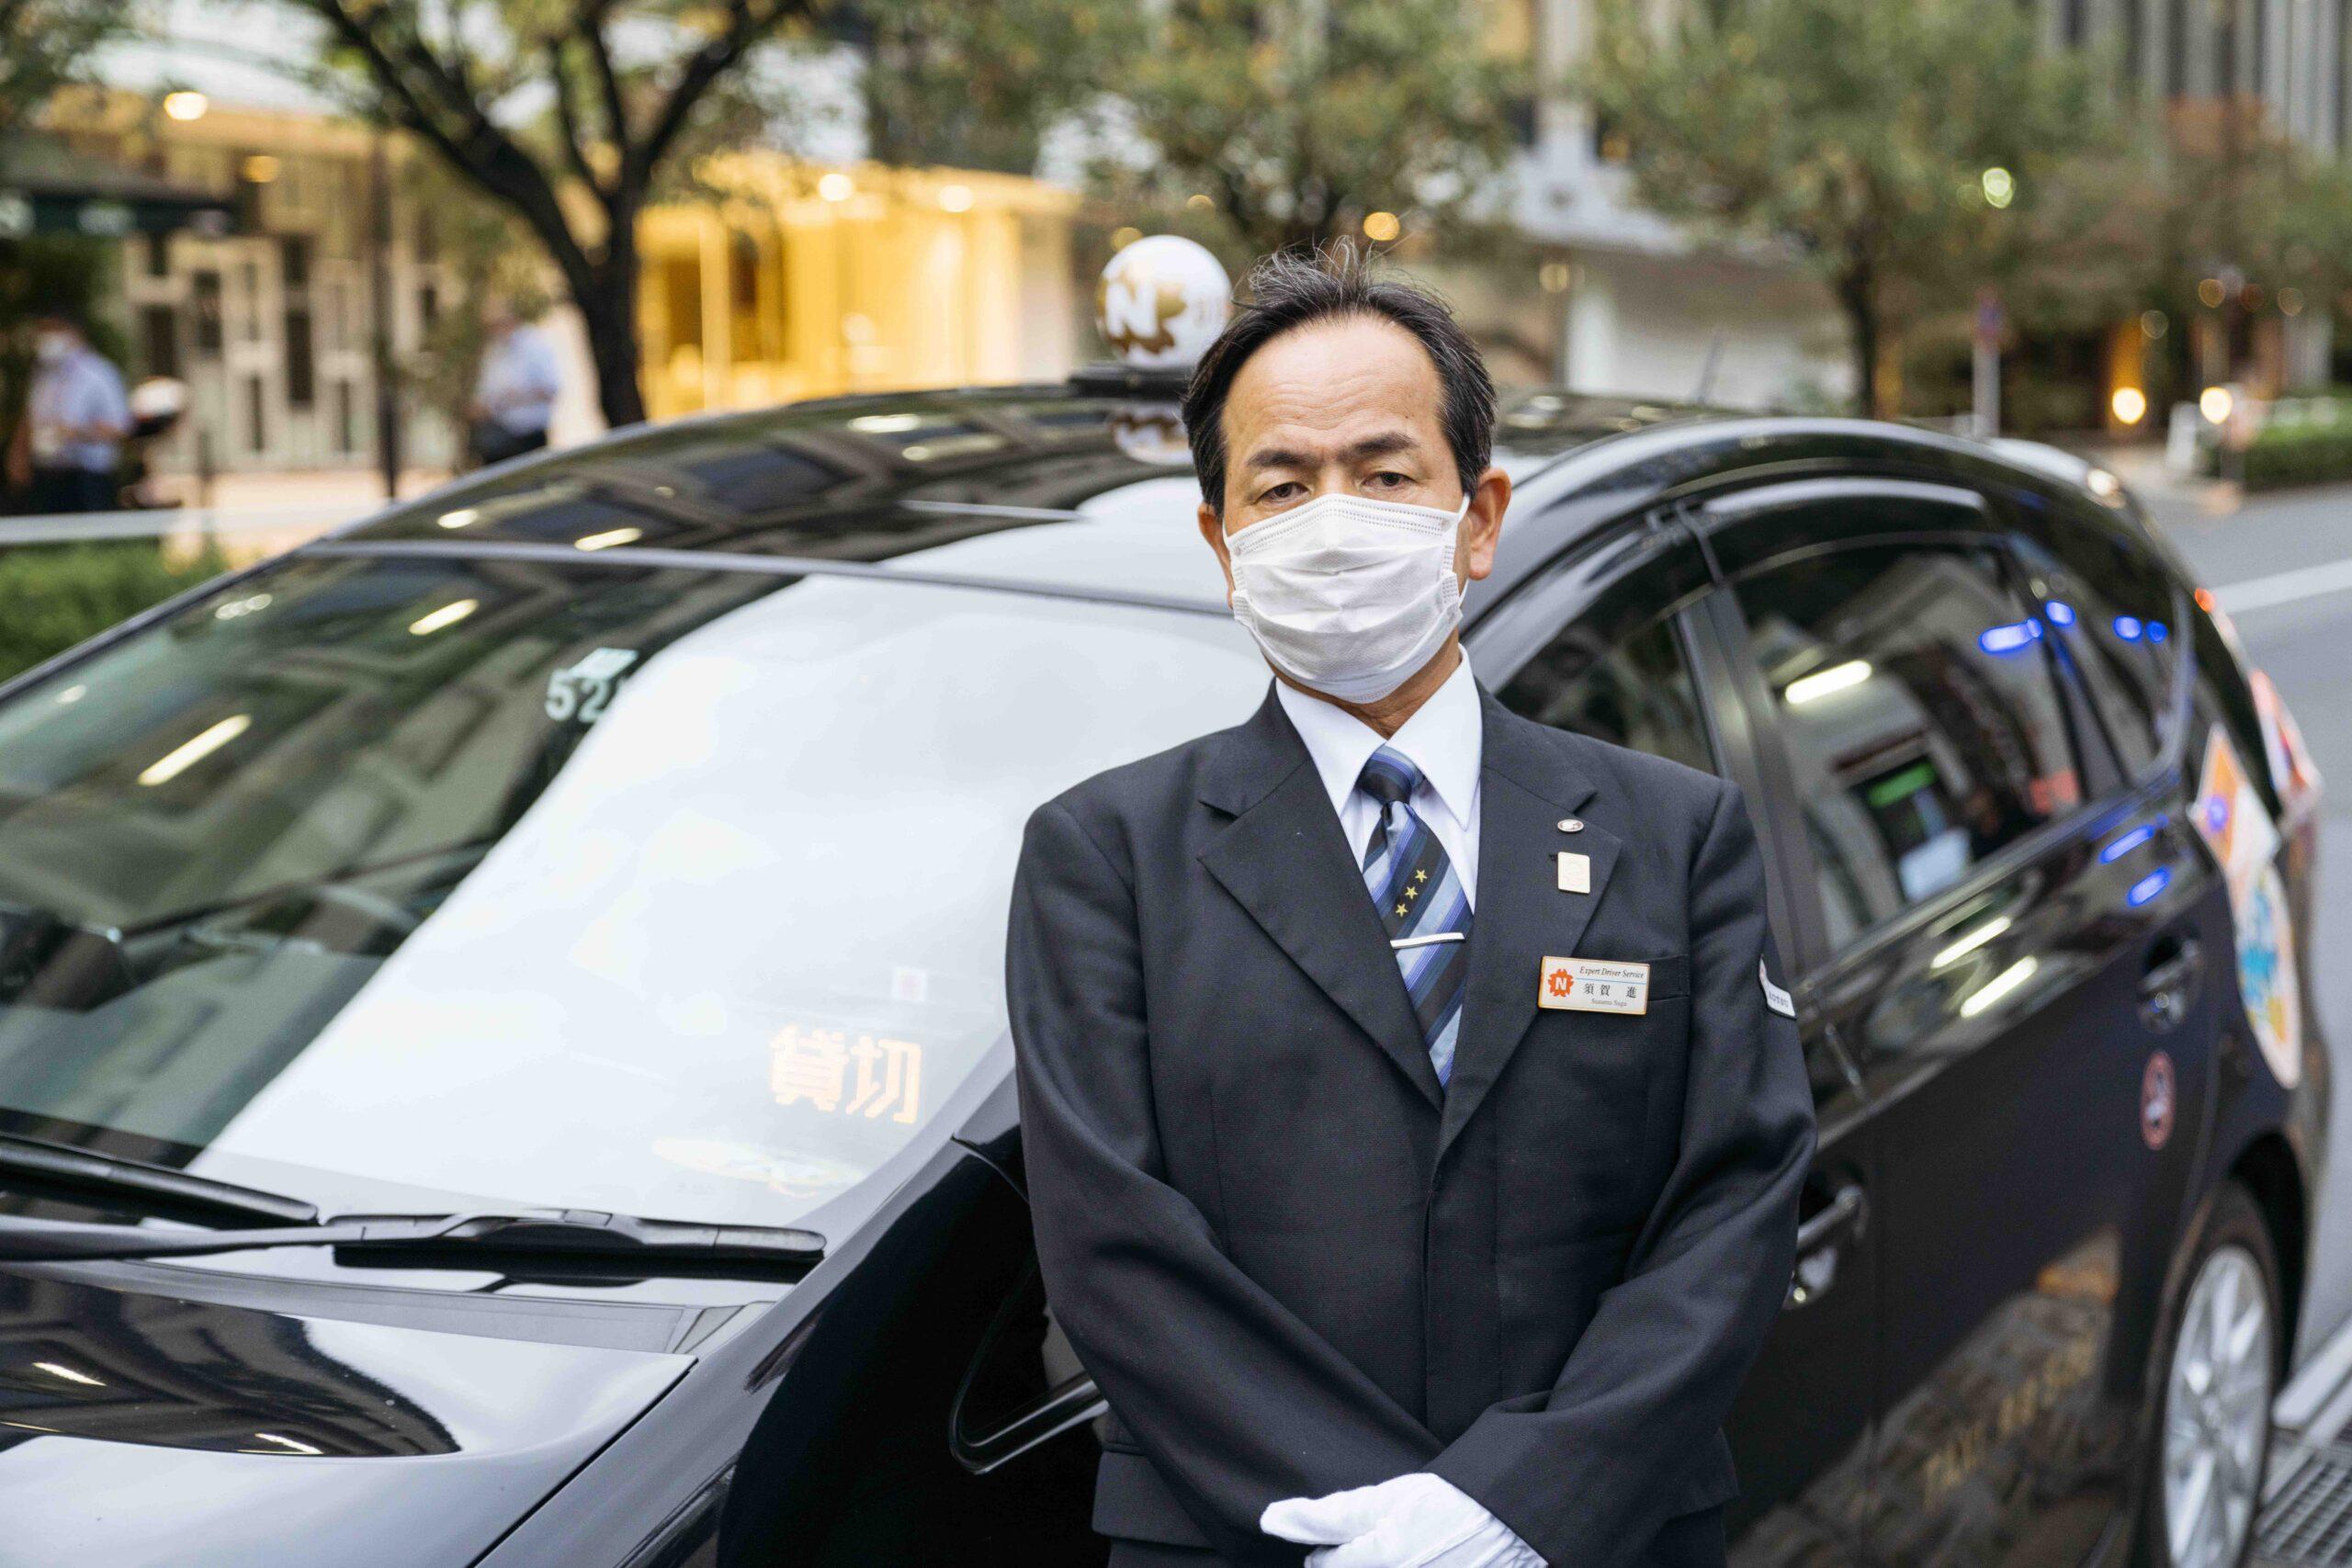 タクシー運転手が語るコロナ渦中の観光地のリアル【東京編】